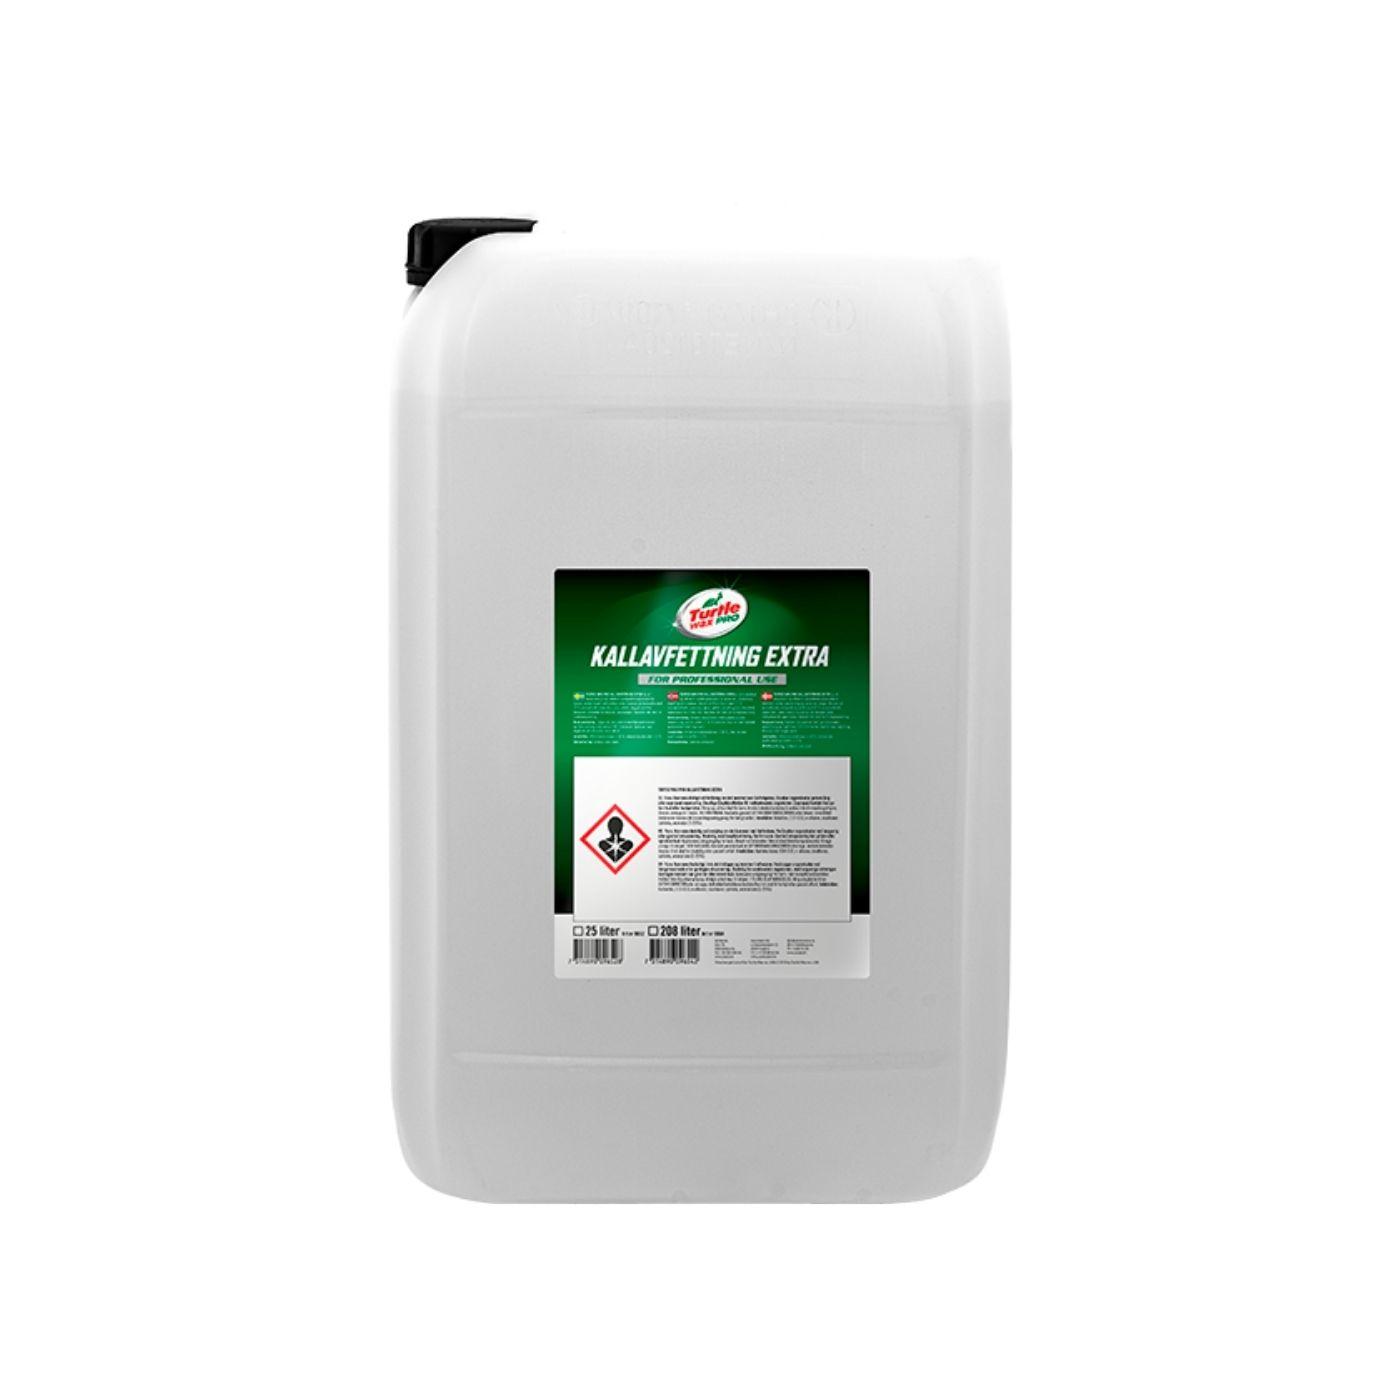 Asfaltslösare Turtle Wax Pro Kallavfettning Extra, 25 000 ml